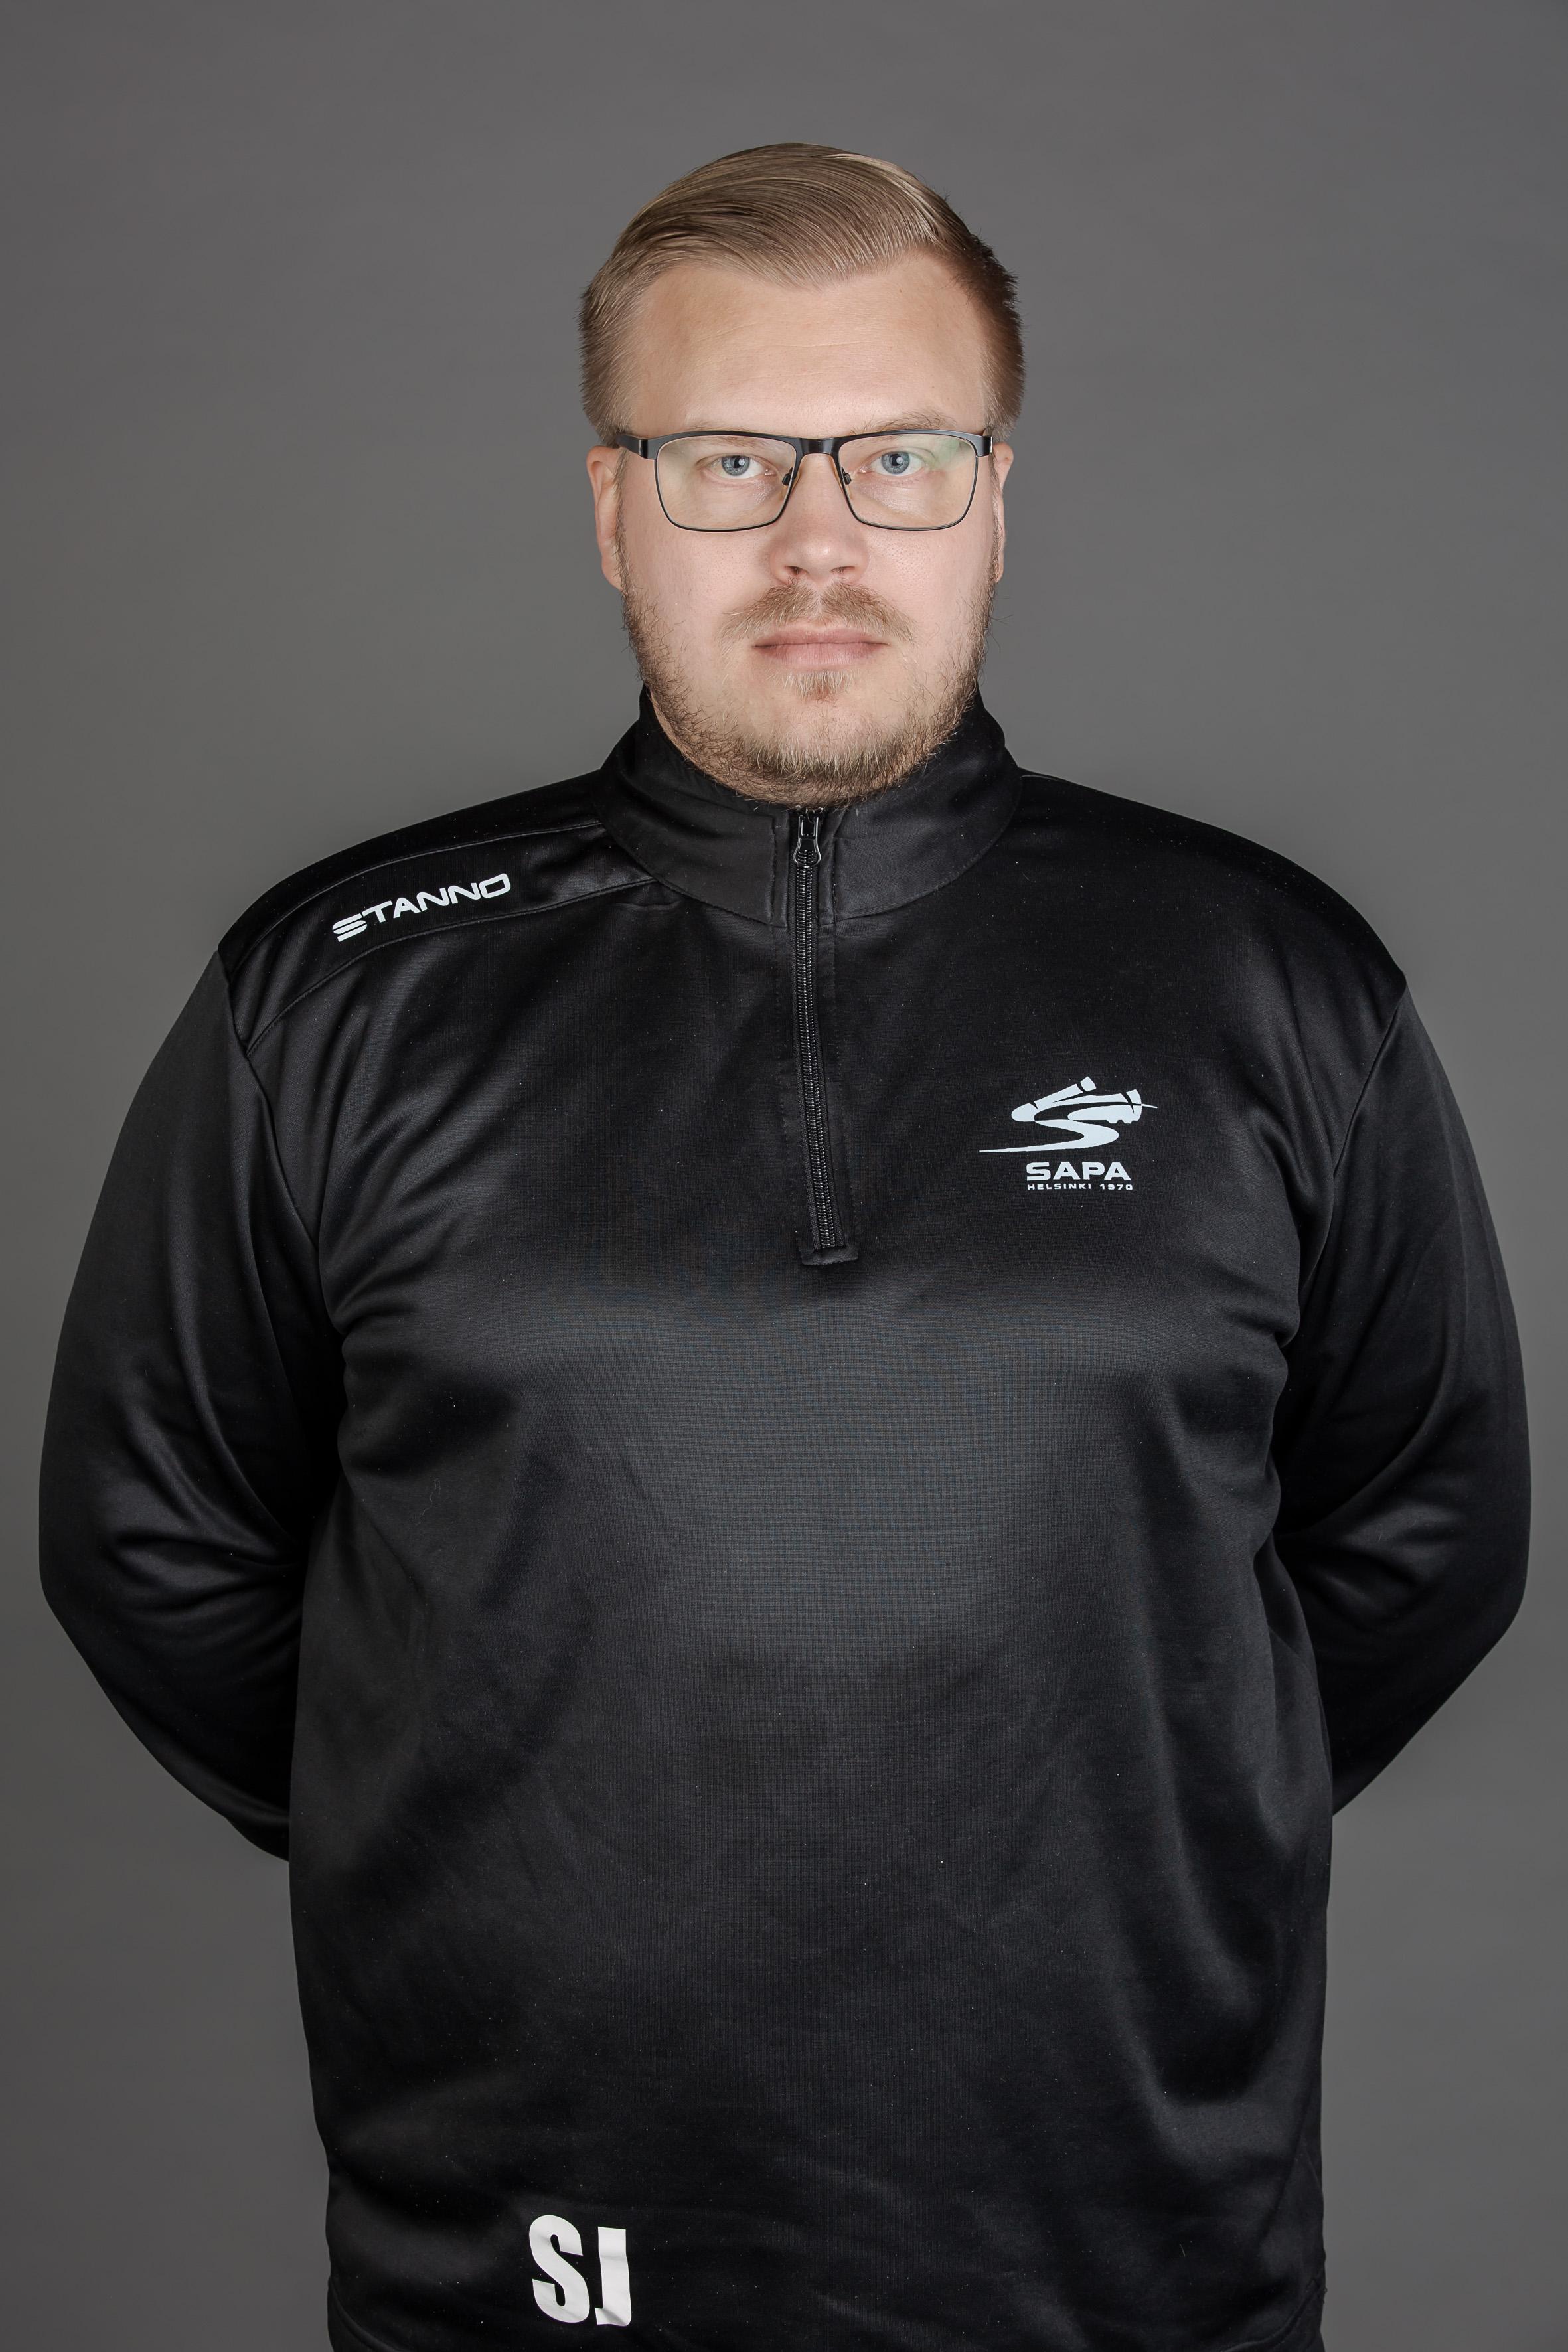 Samuli Jokinen